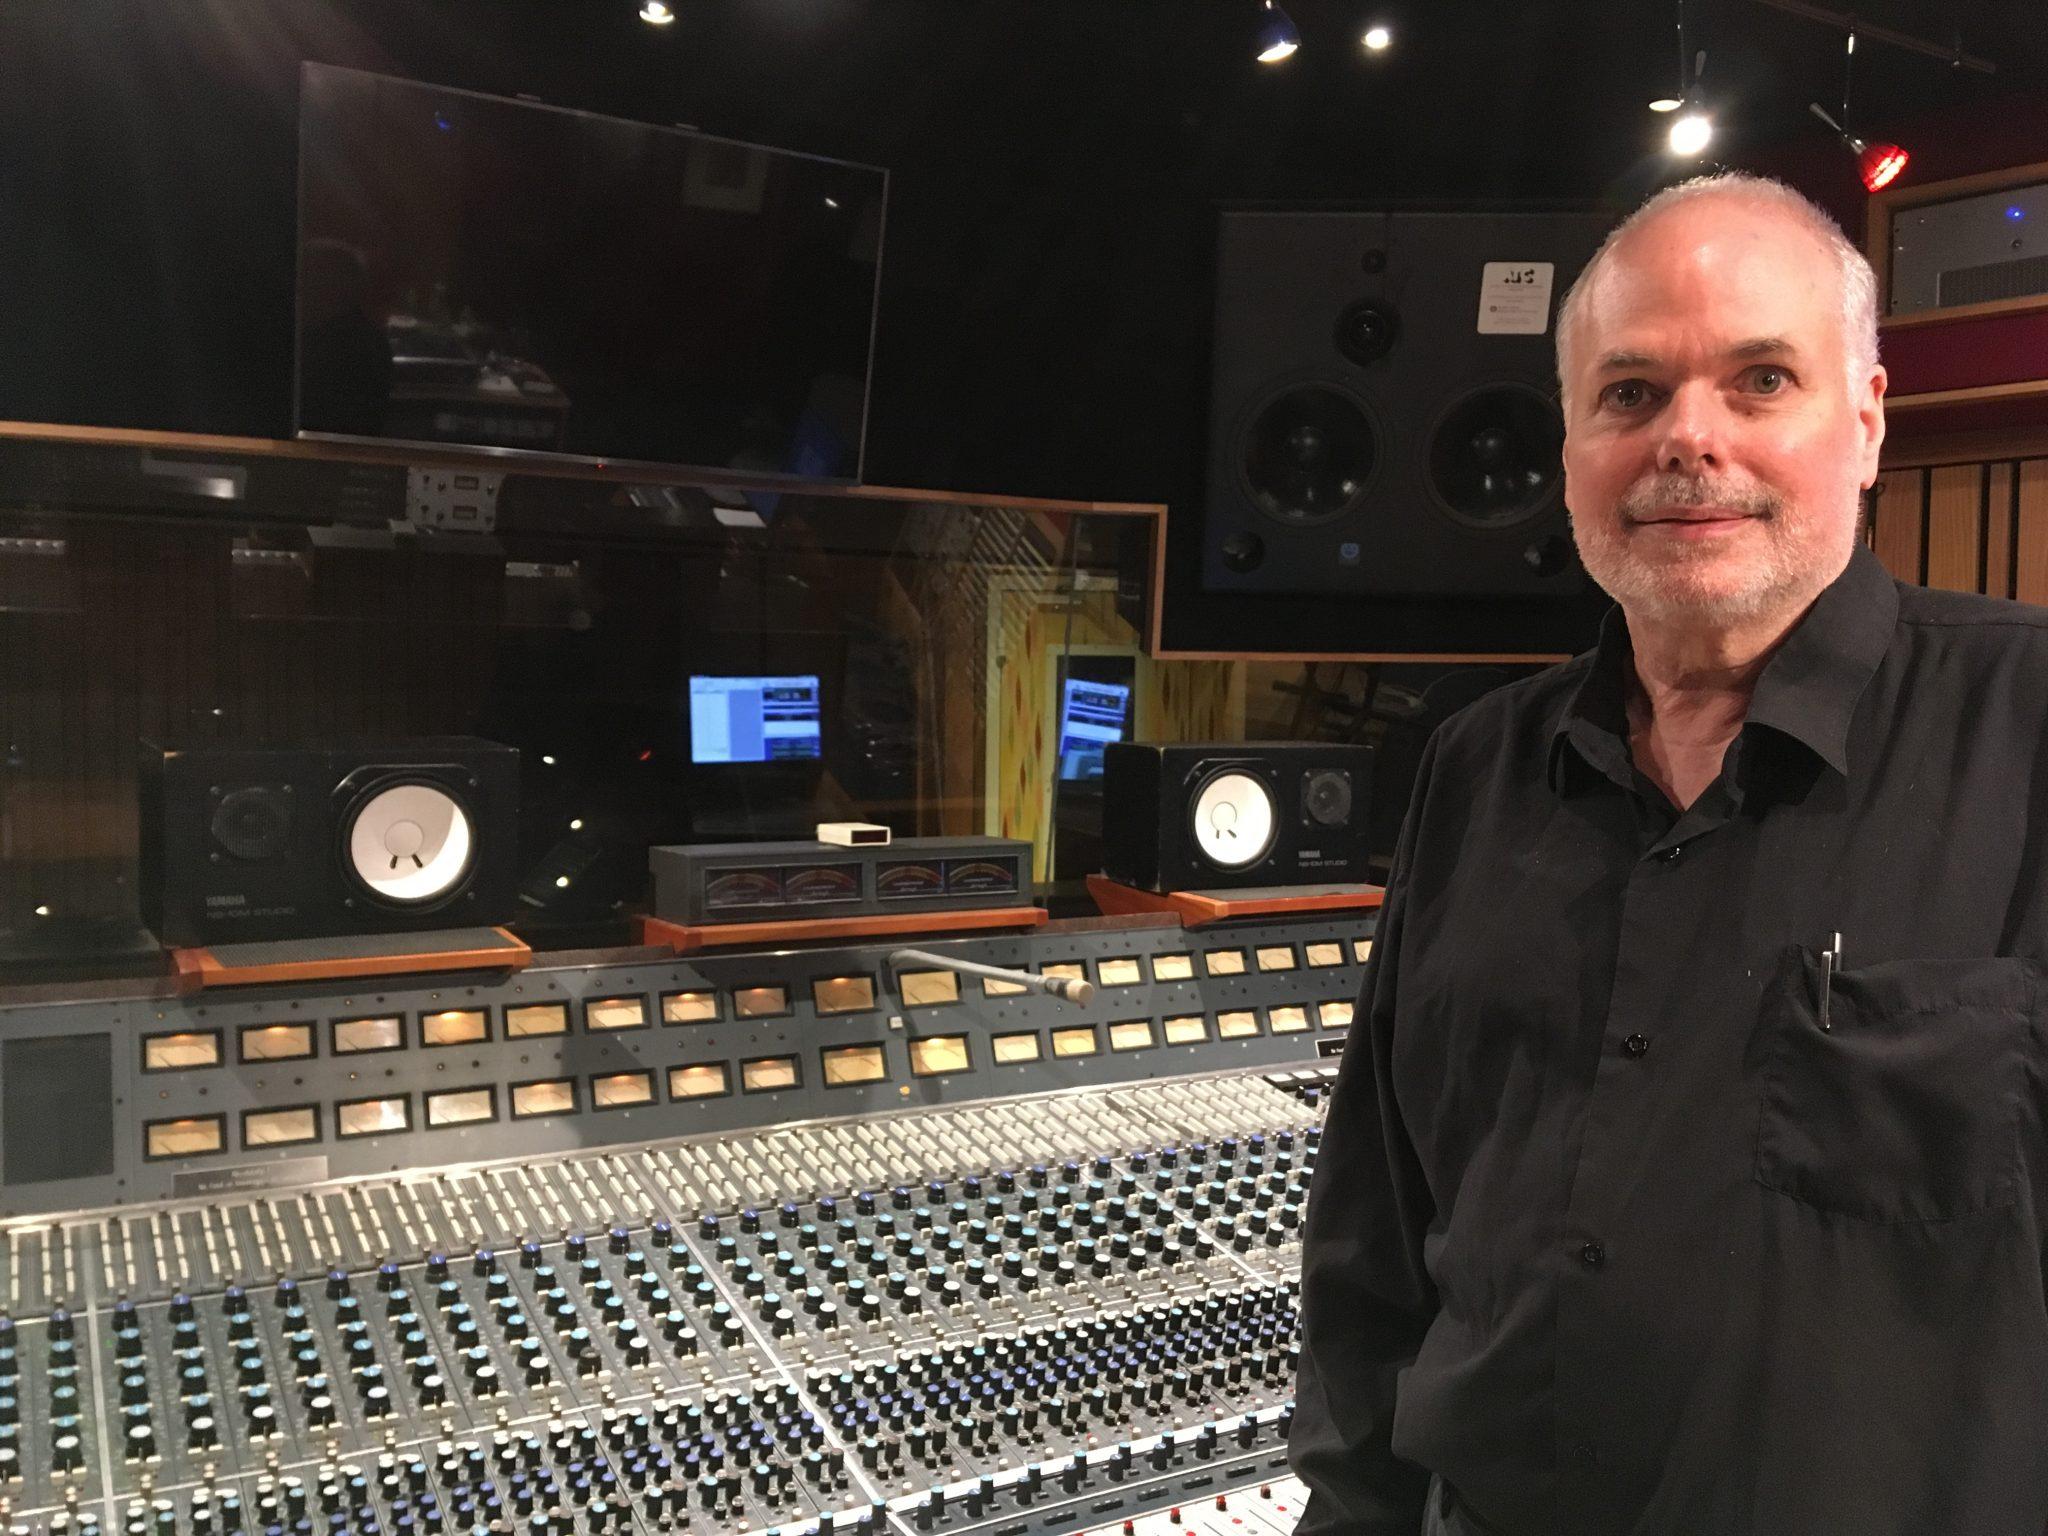 Neal Merrick Blackwood of Music City Scoring Nashville